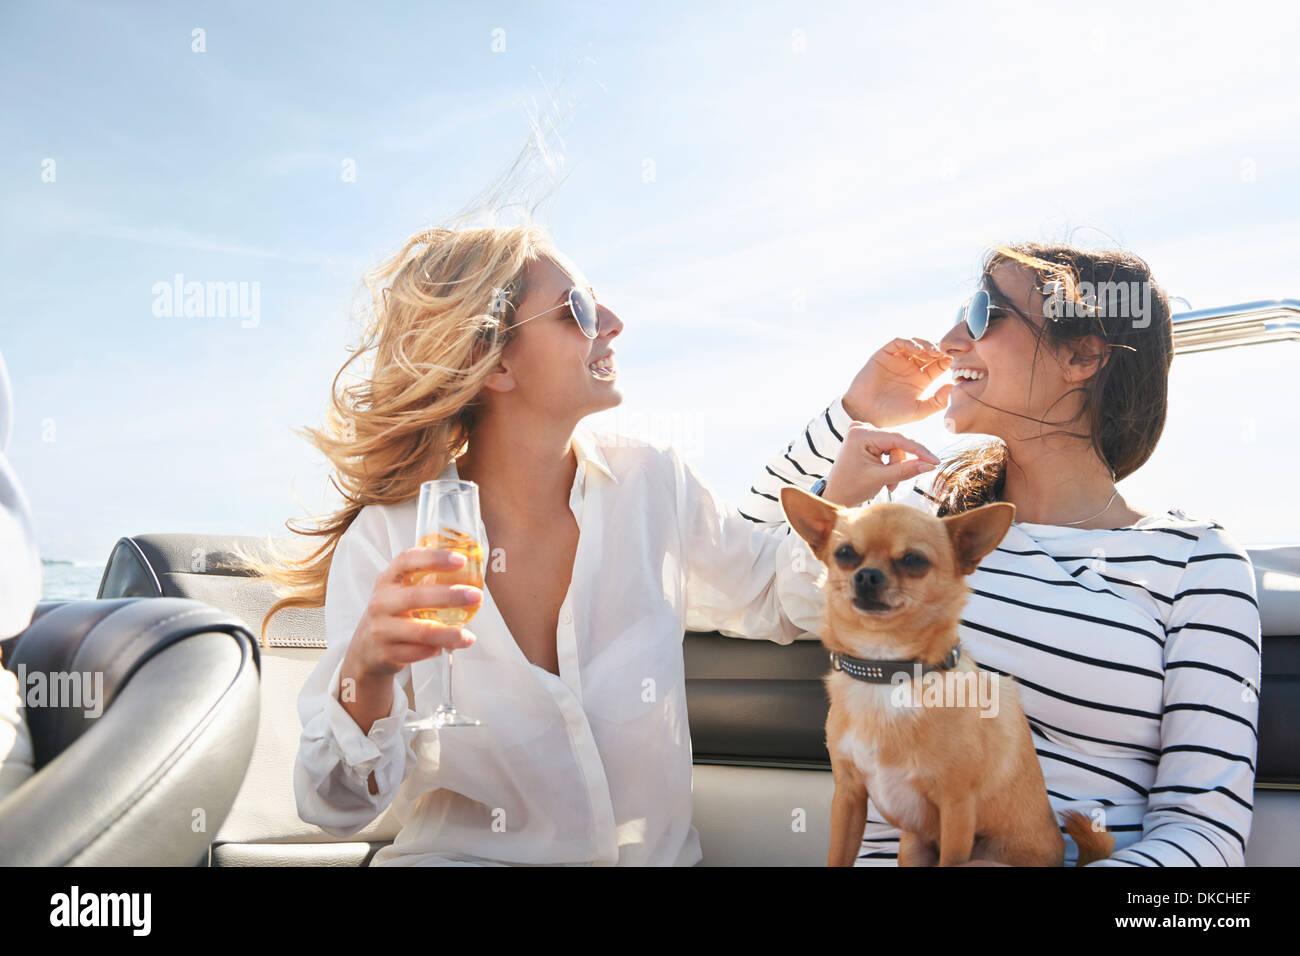 Las mujeres jóvenes en el barco con vino Imagen De Stock